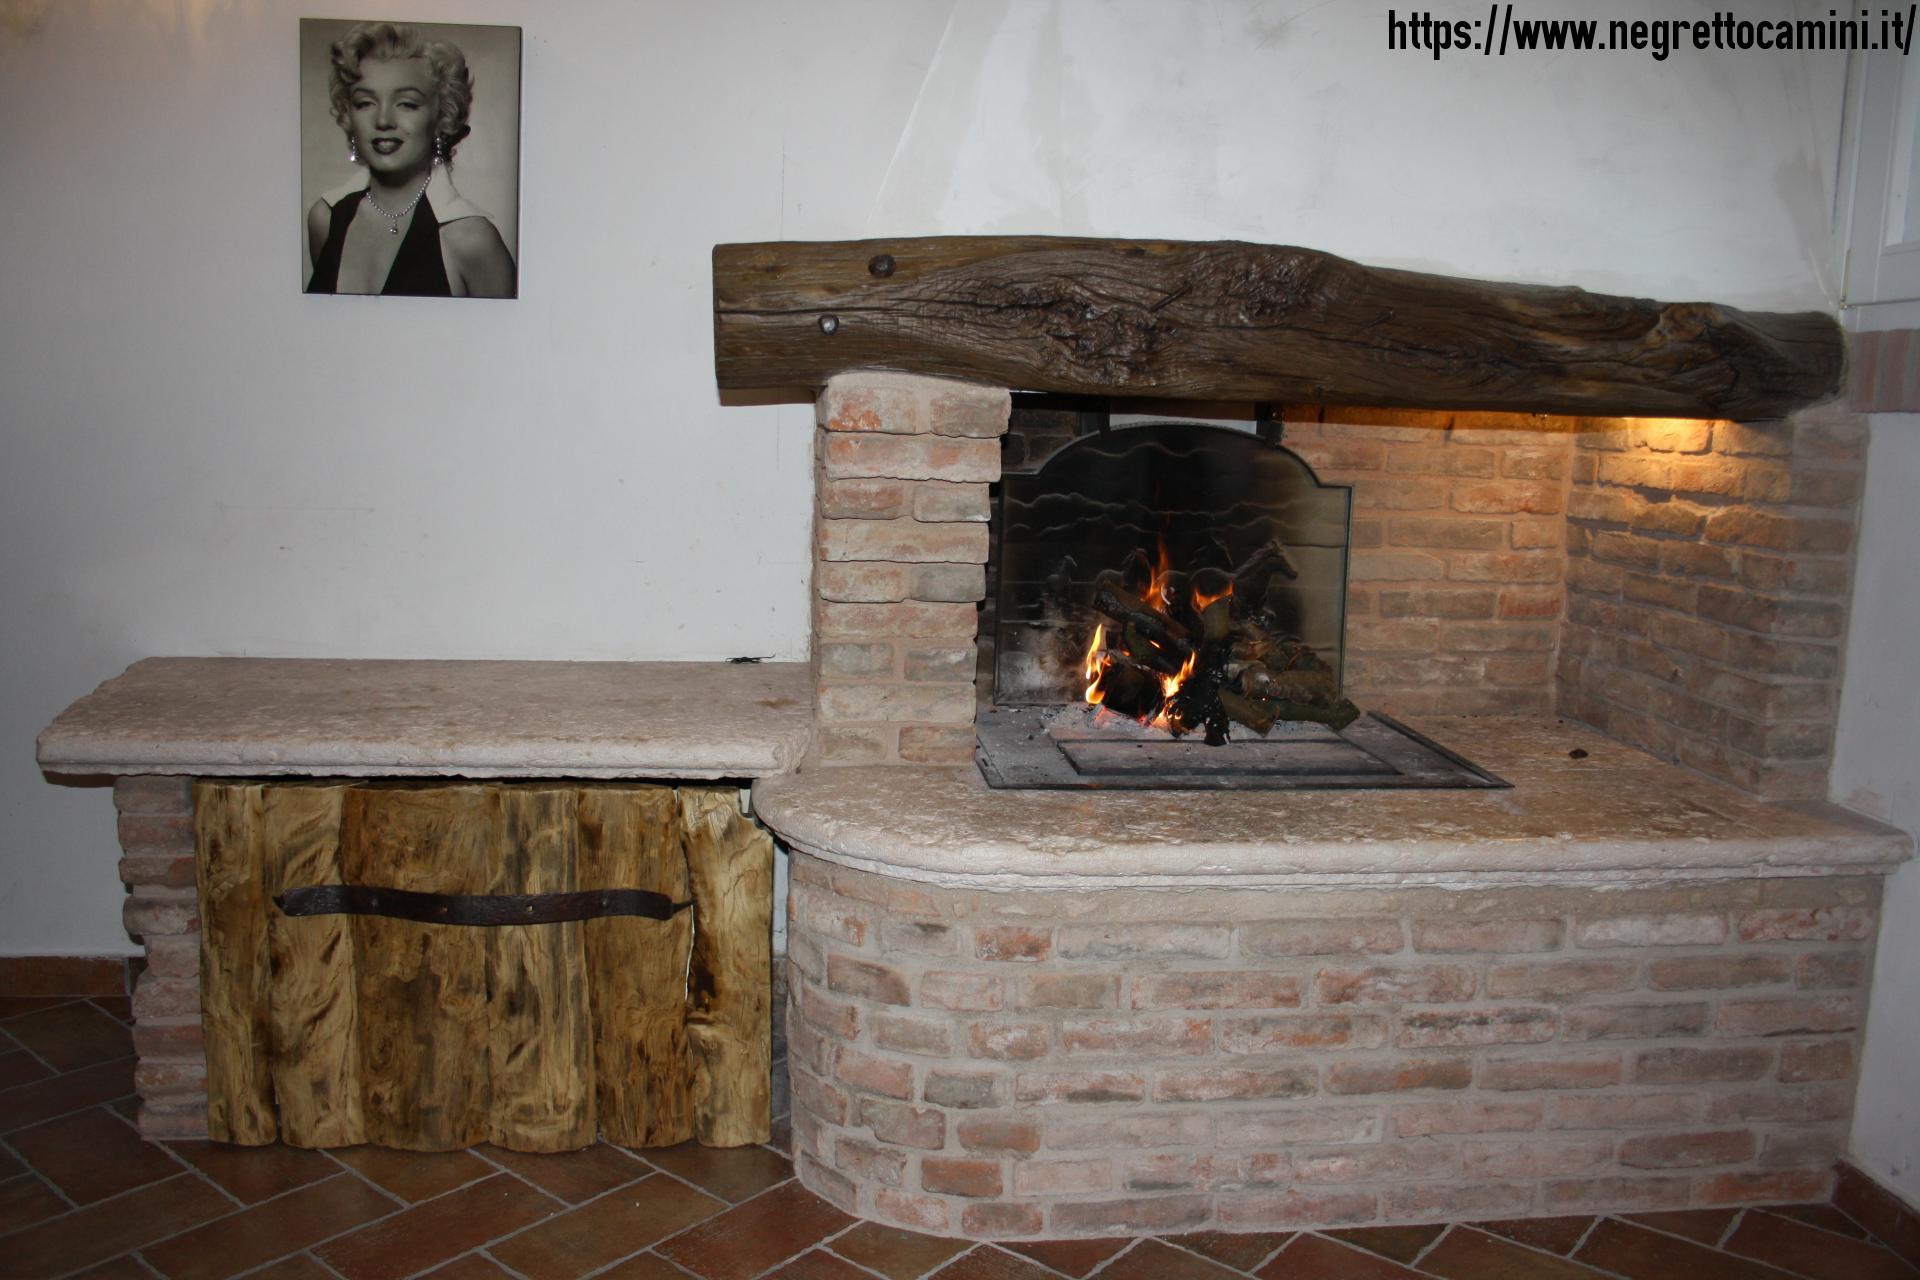 Camino rustico da taverna negretto camini d 39 autore - Camino per cucinare ...